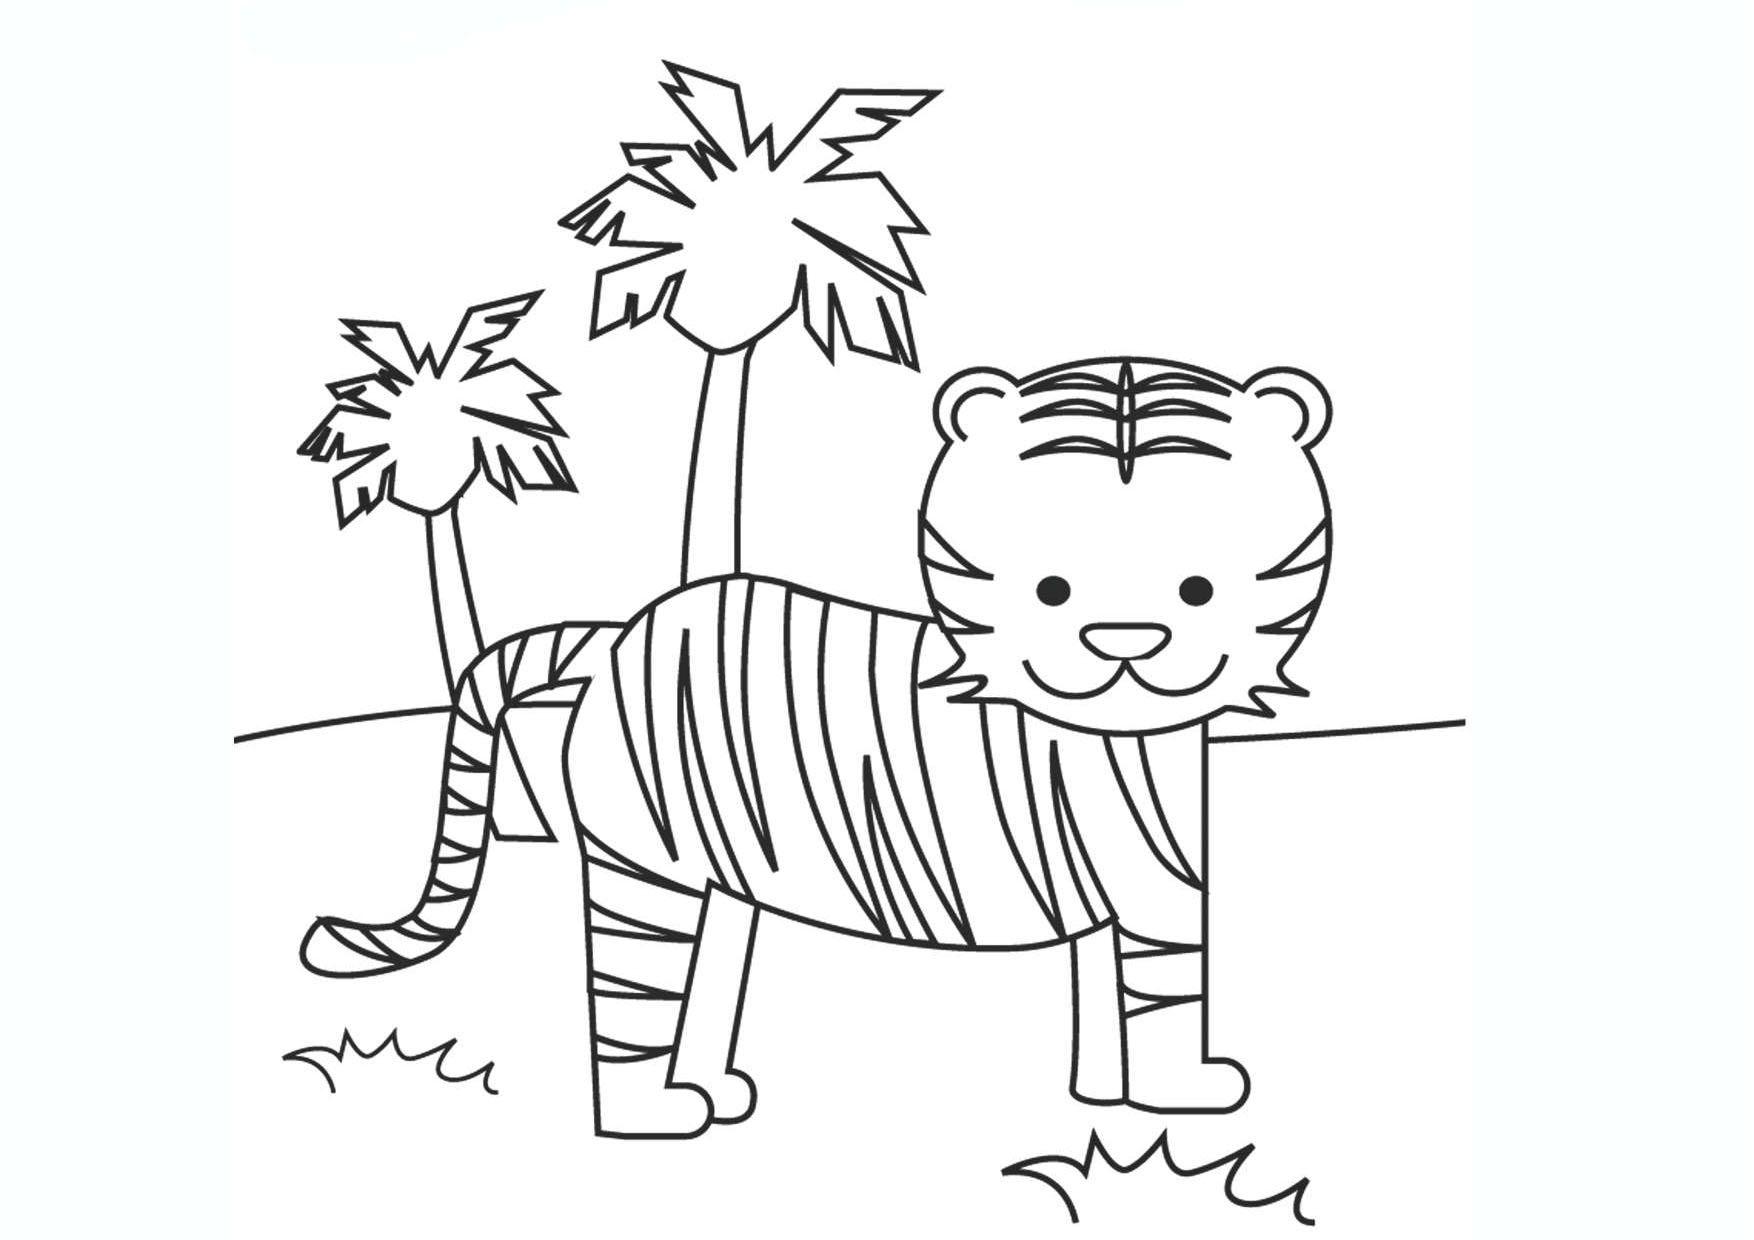 Tranh tô màu con hổ đơn giản